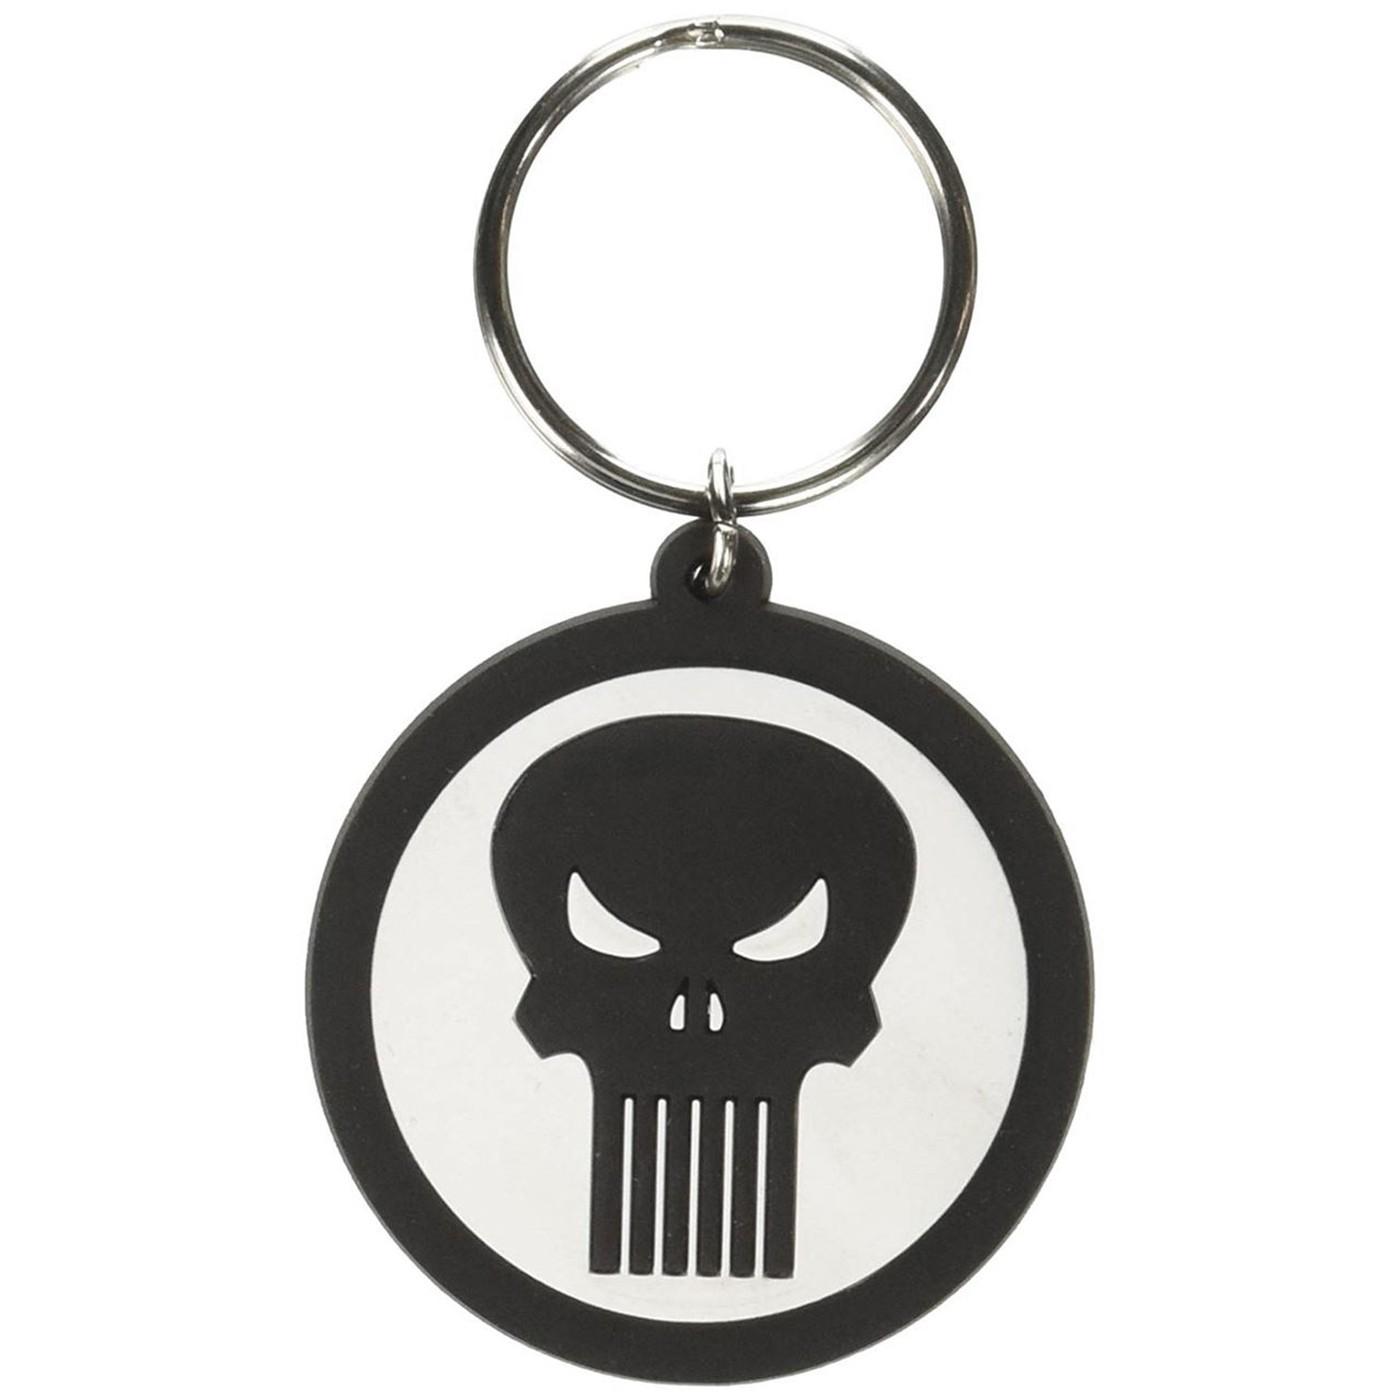 Punisher Soft Touch Keychain